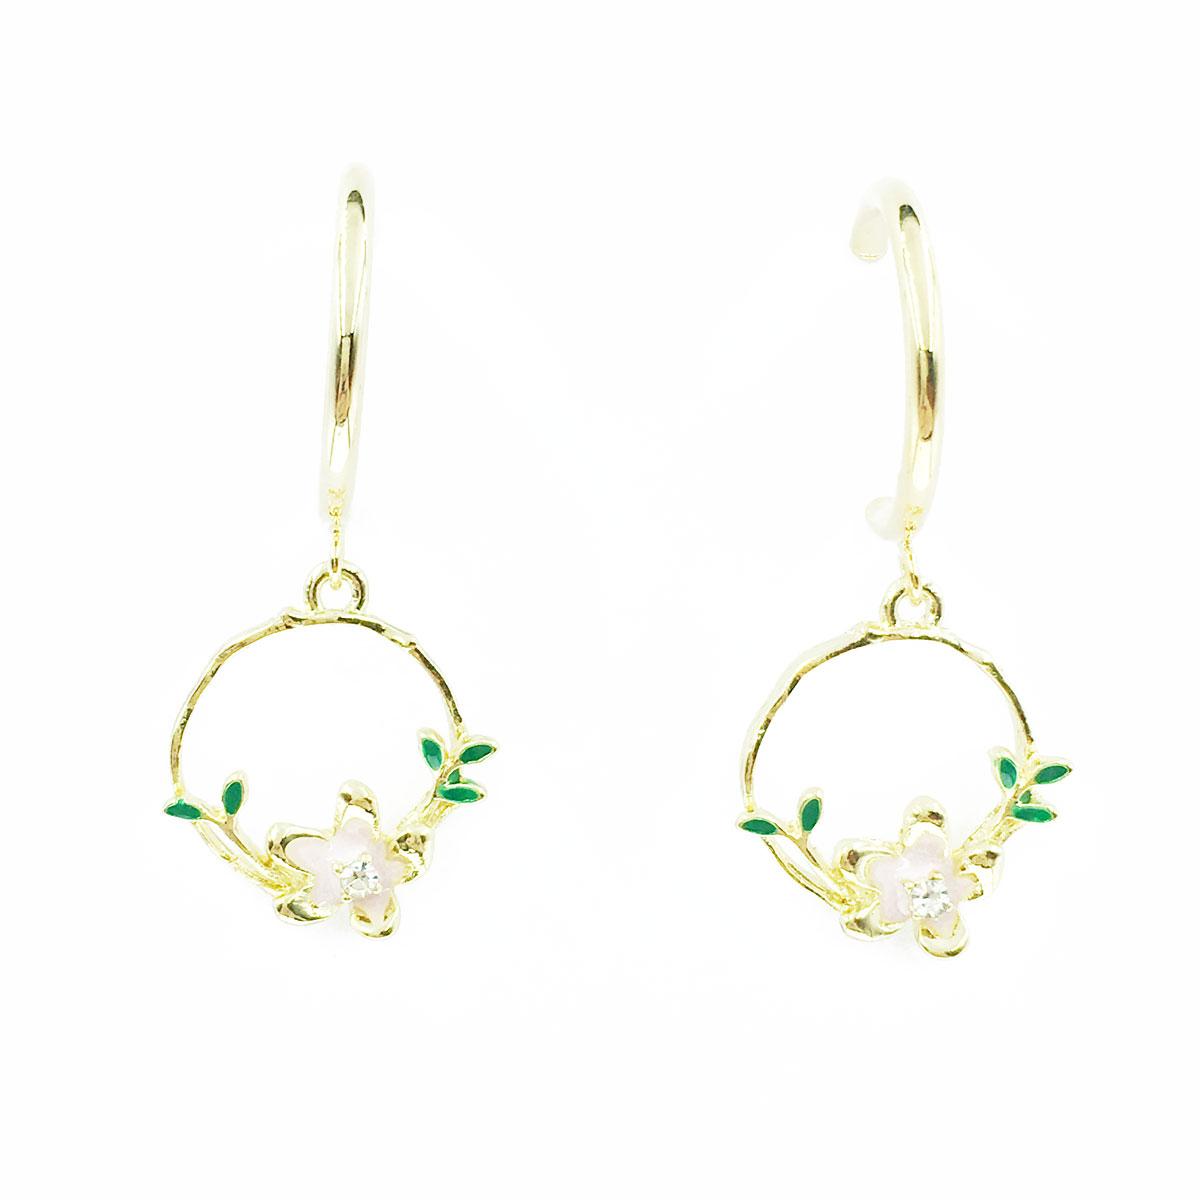 韓國 小花 葉子 水鑽 半圓 垂墜感 耳針式 耳環